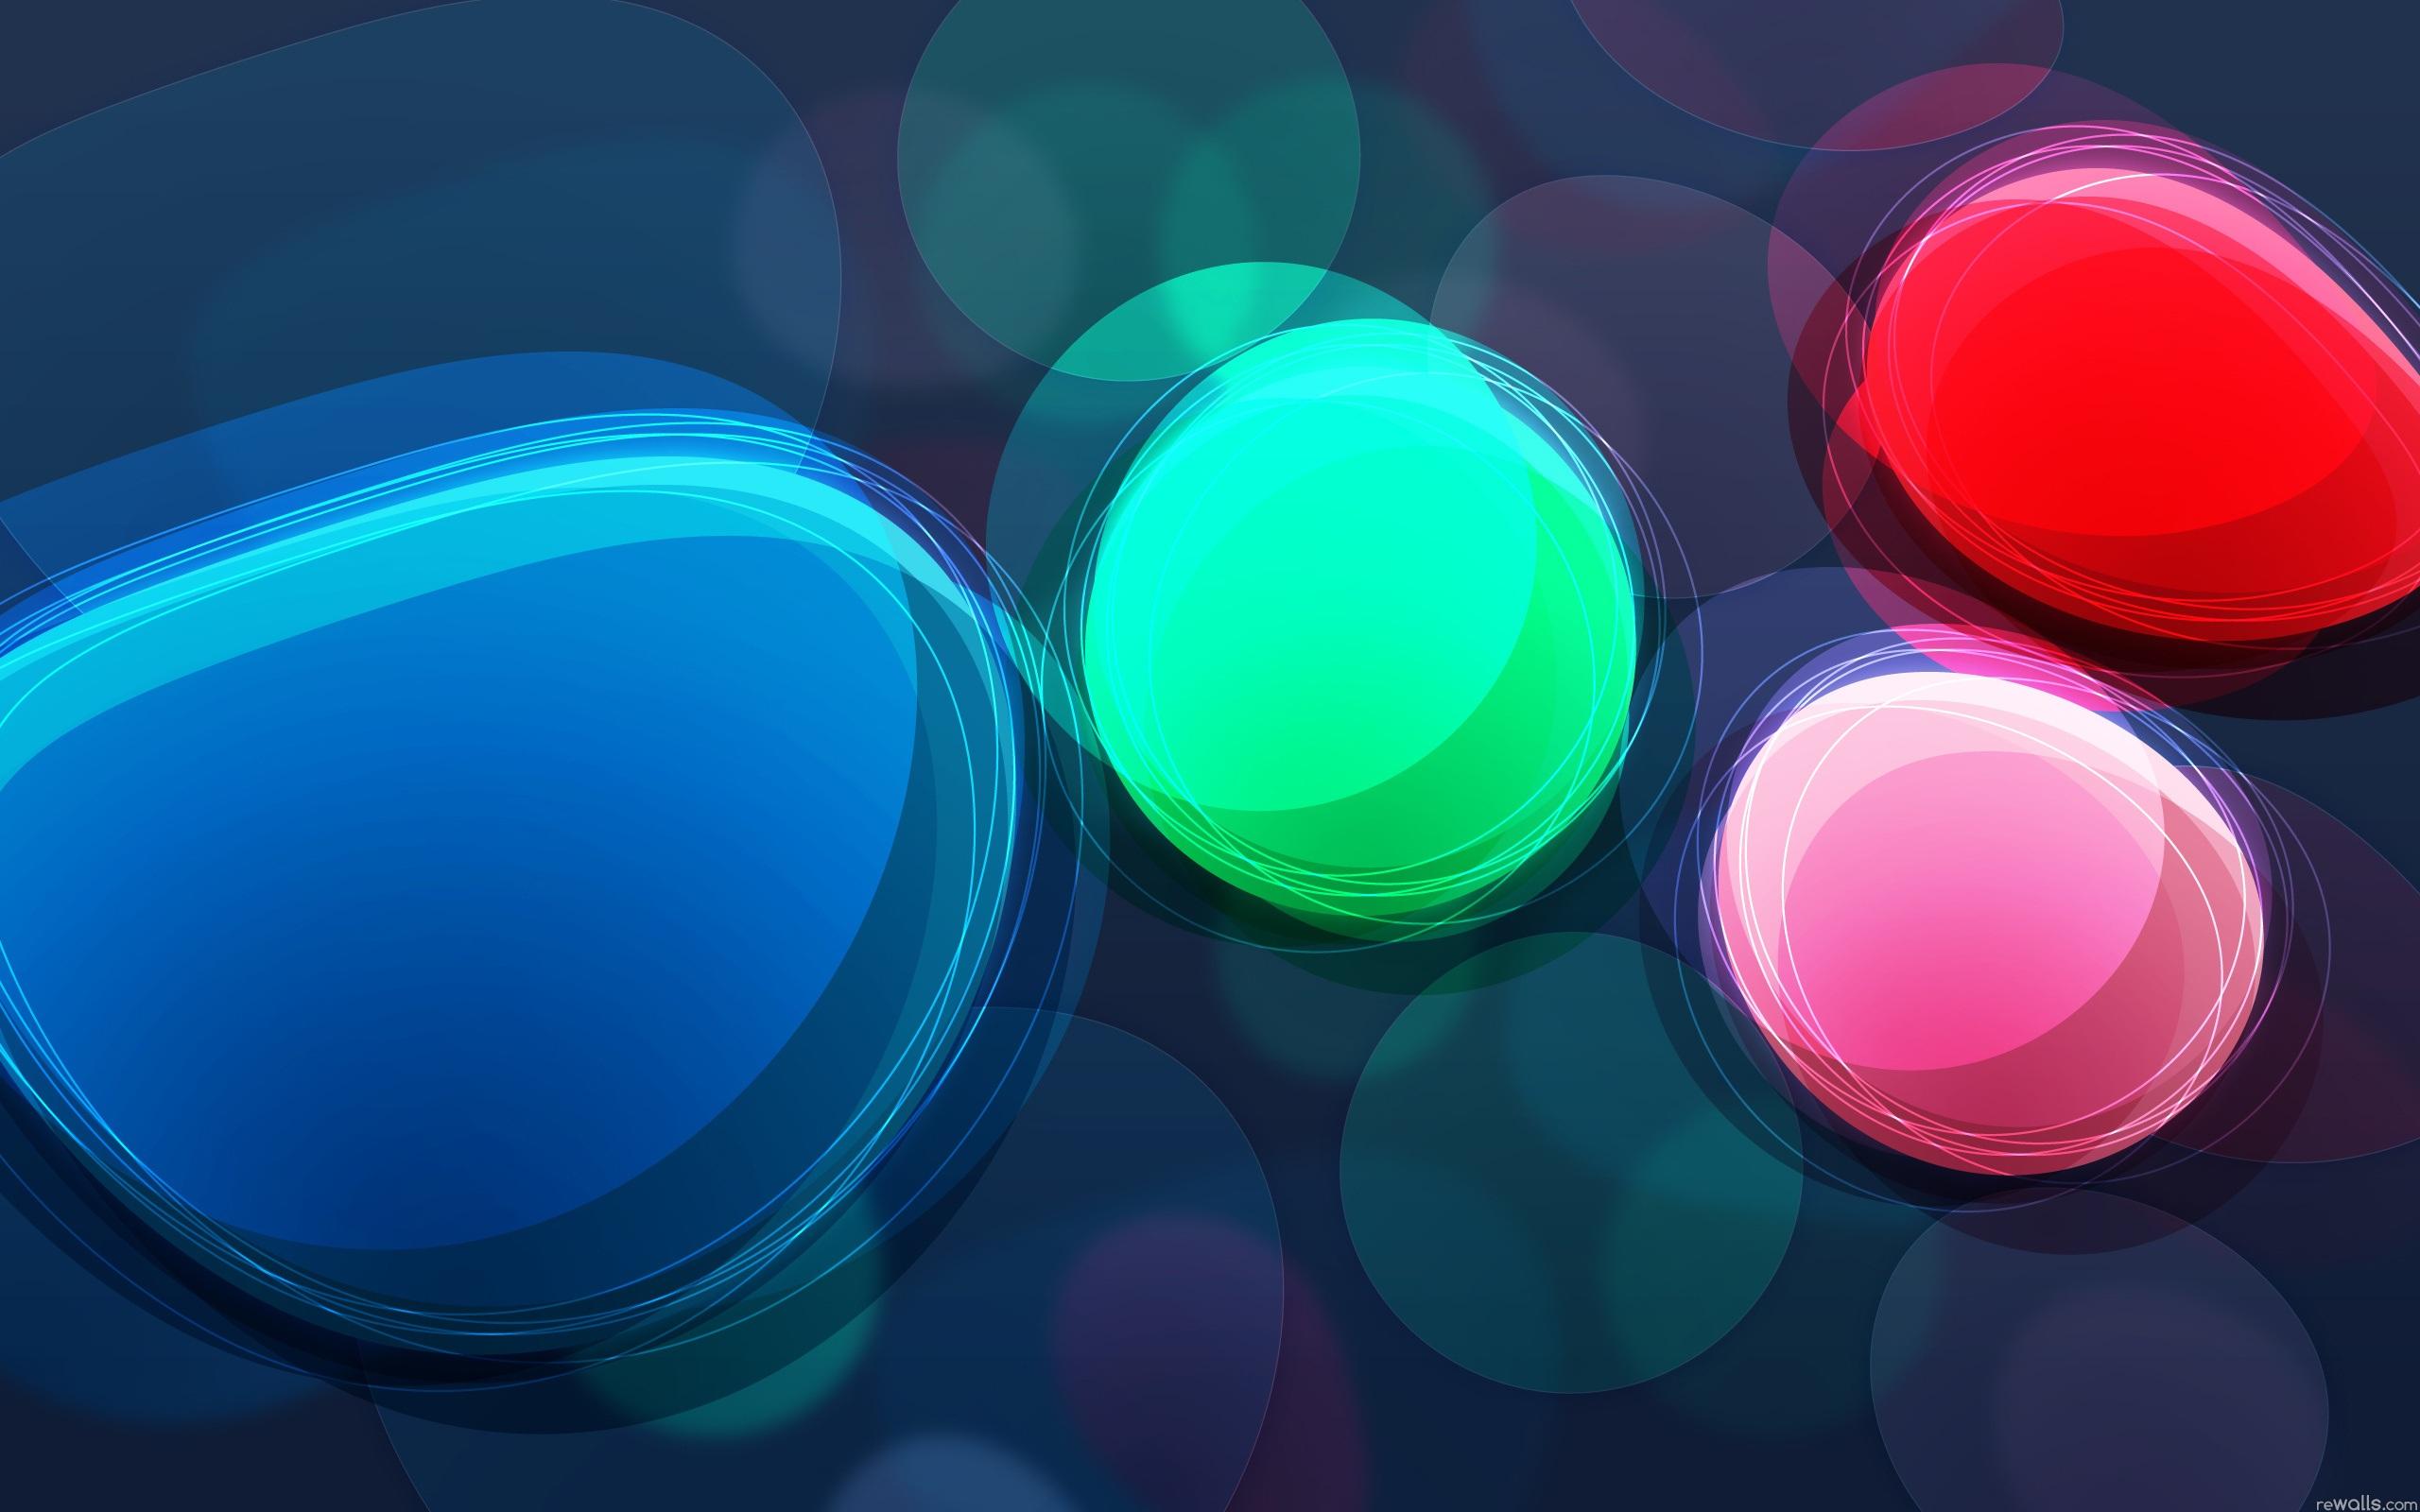 Rainbow Circles Wallpaper Abstract Rainbow Circles